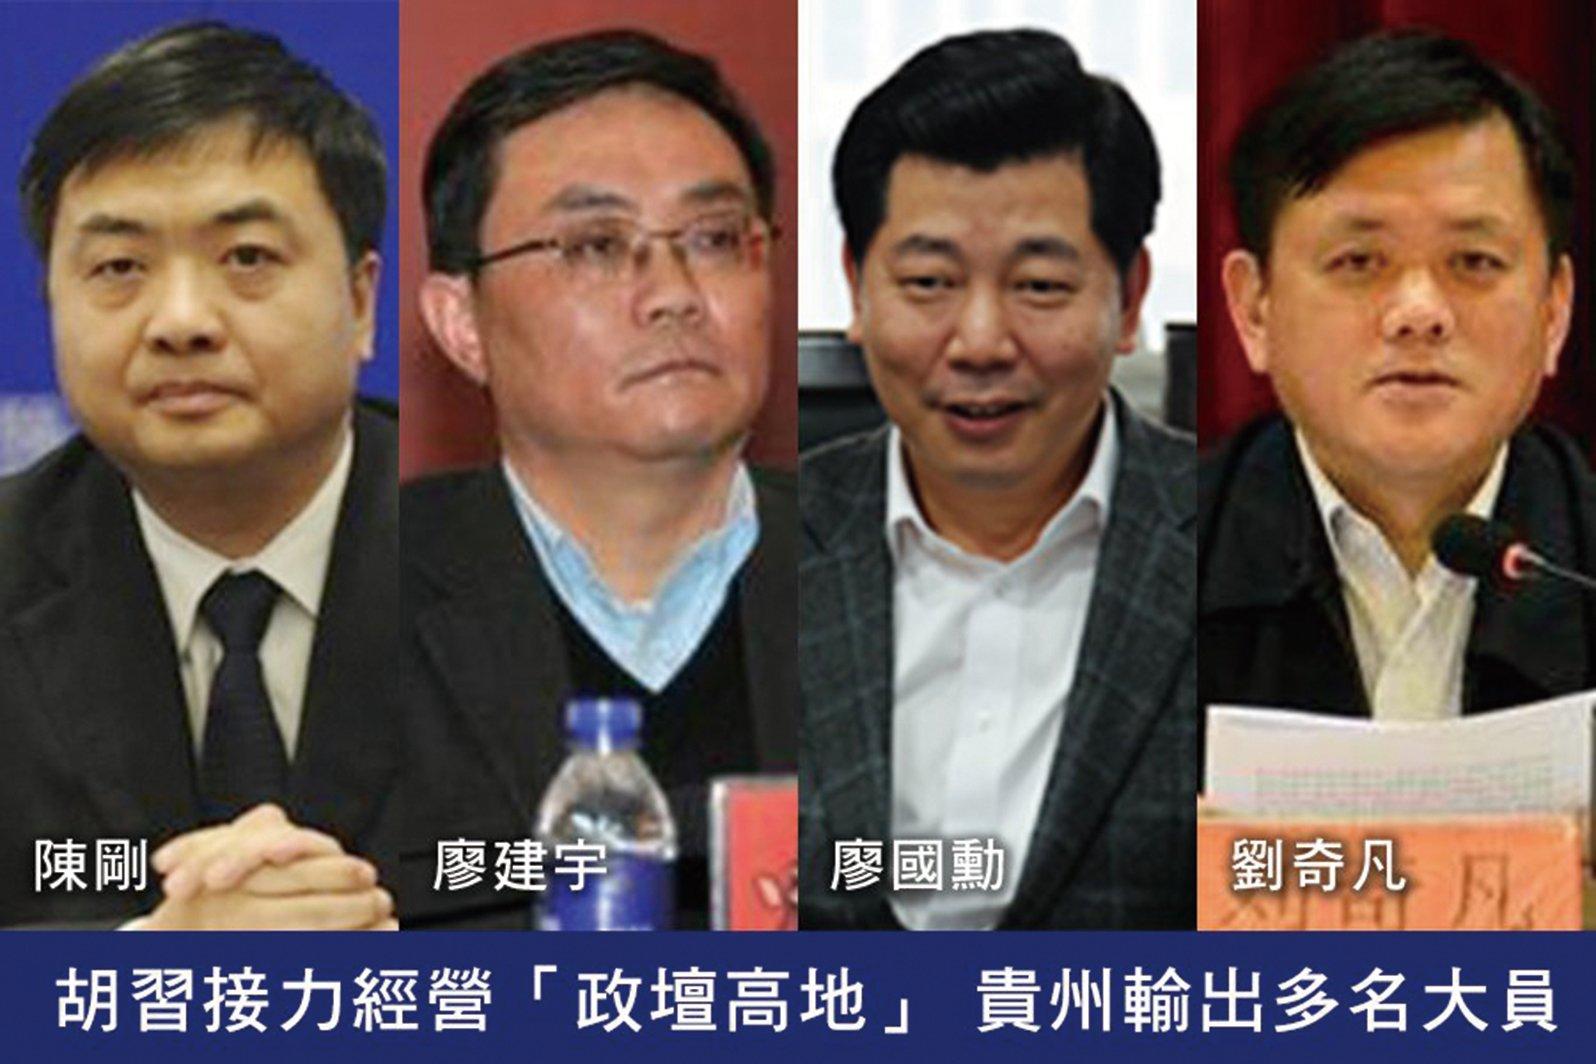 貴州,被外界視為大陸「政壇新高地」,接連有多名在該省任過職的官員近期獲得重用。(網絡圖片/大紀元合成)